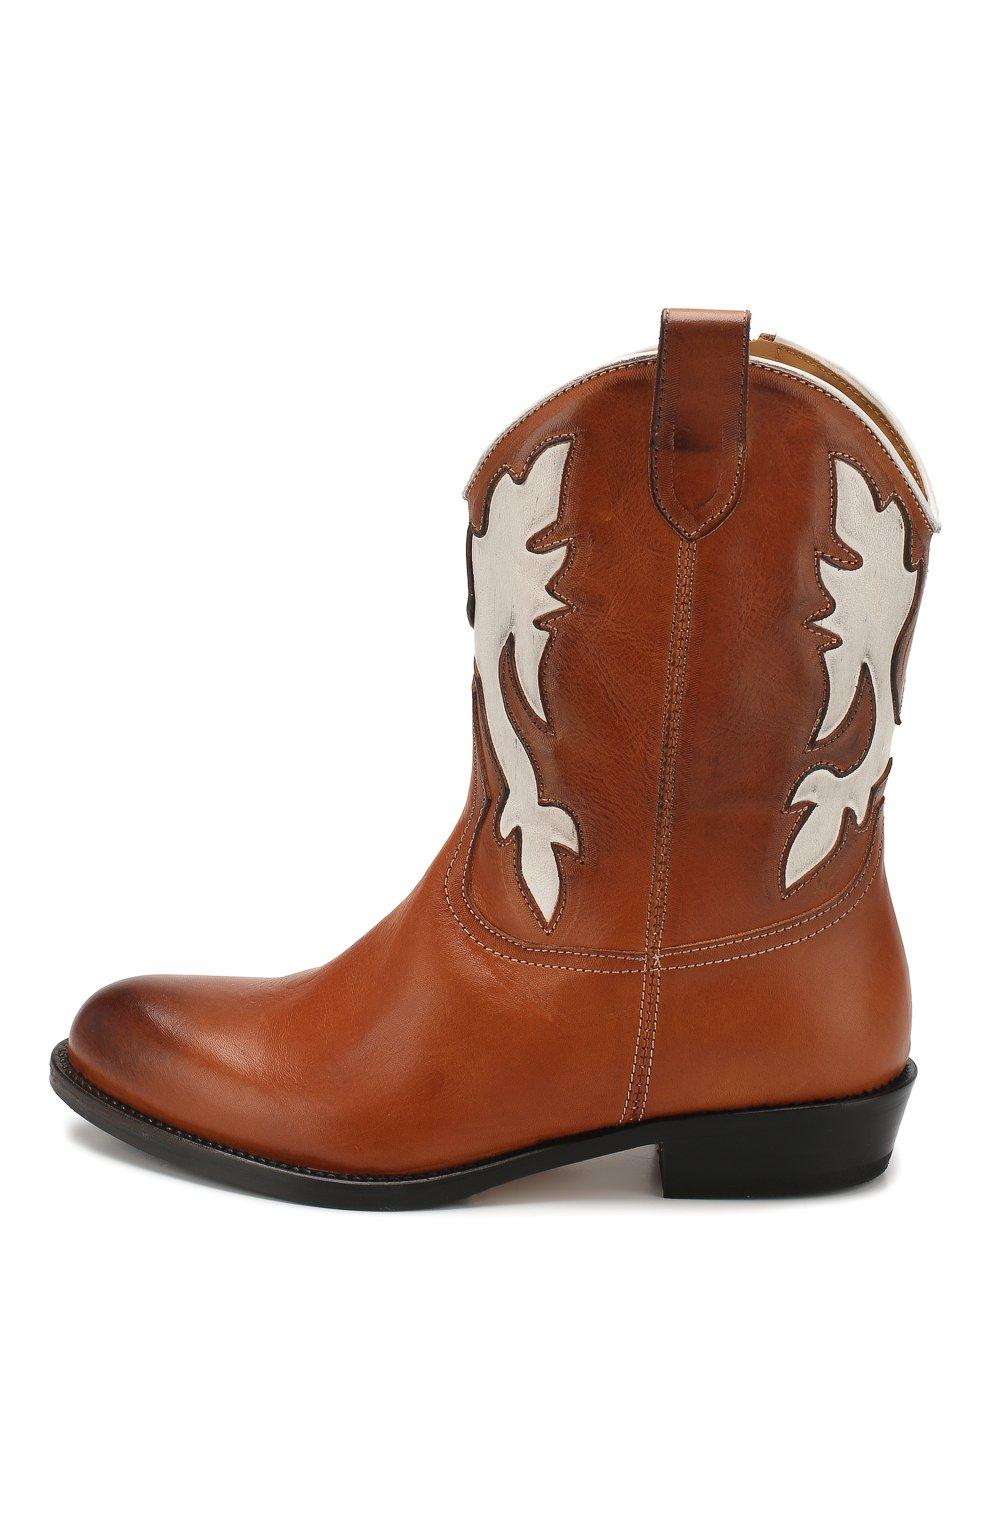 Детские кожаные сапоги GALLUCCI коричневого цвета, арт. J30080AM/TR P V CUG MAI/NAP | Фото 2 (Кросс-КТ: полусапоги; Материал внутренний: Натуральная кожа)